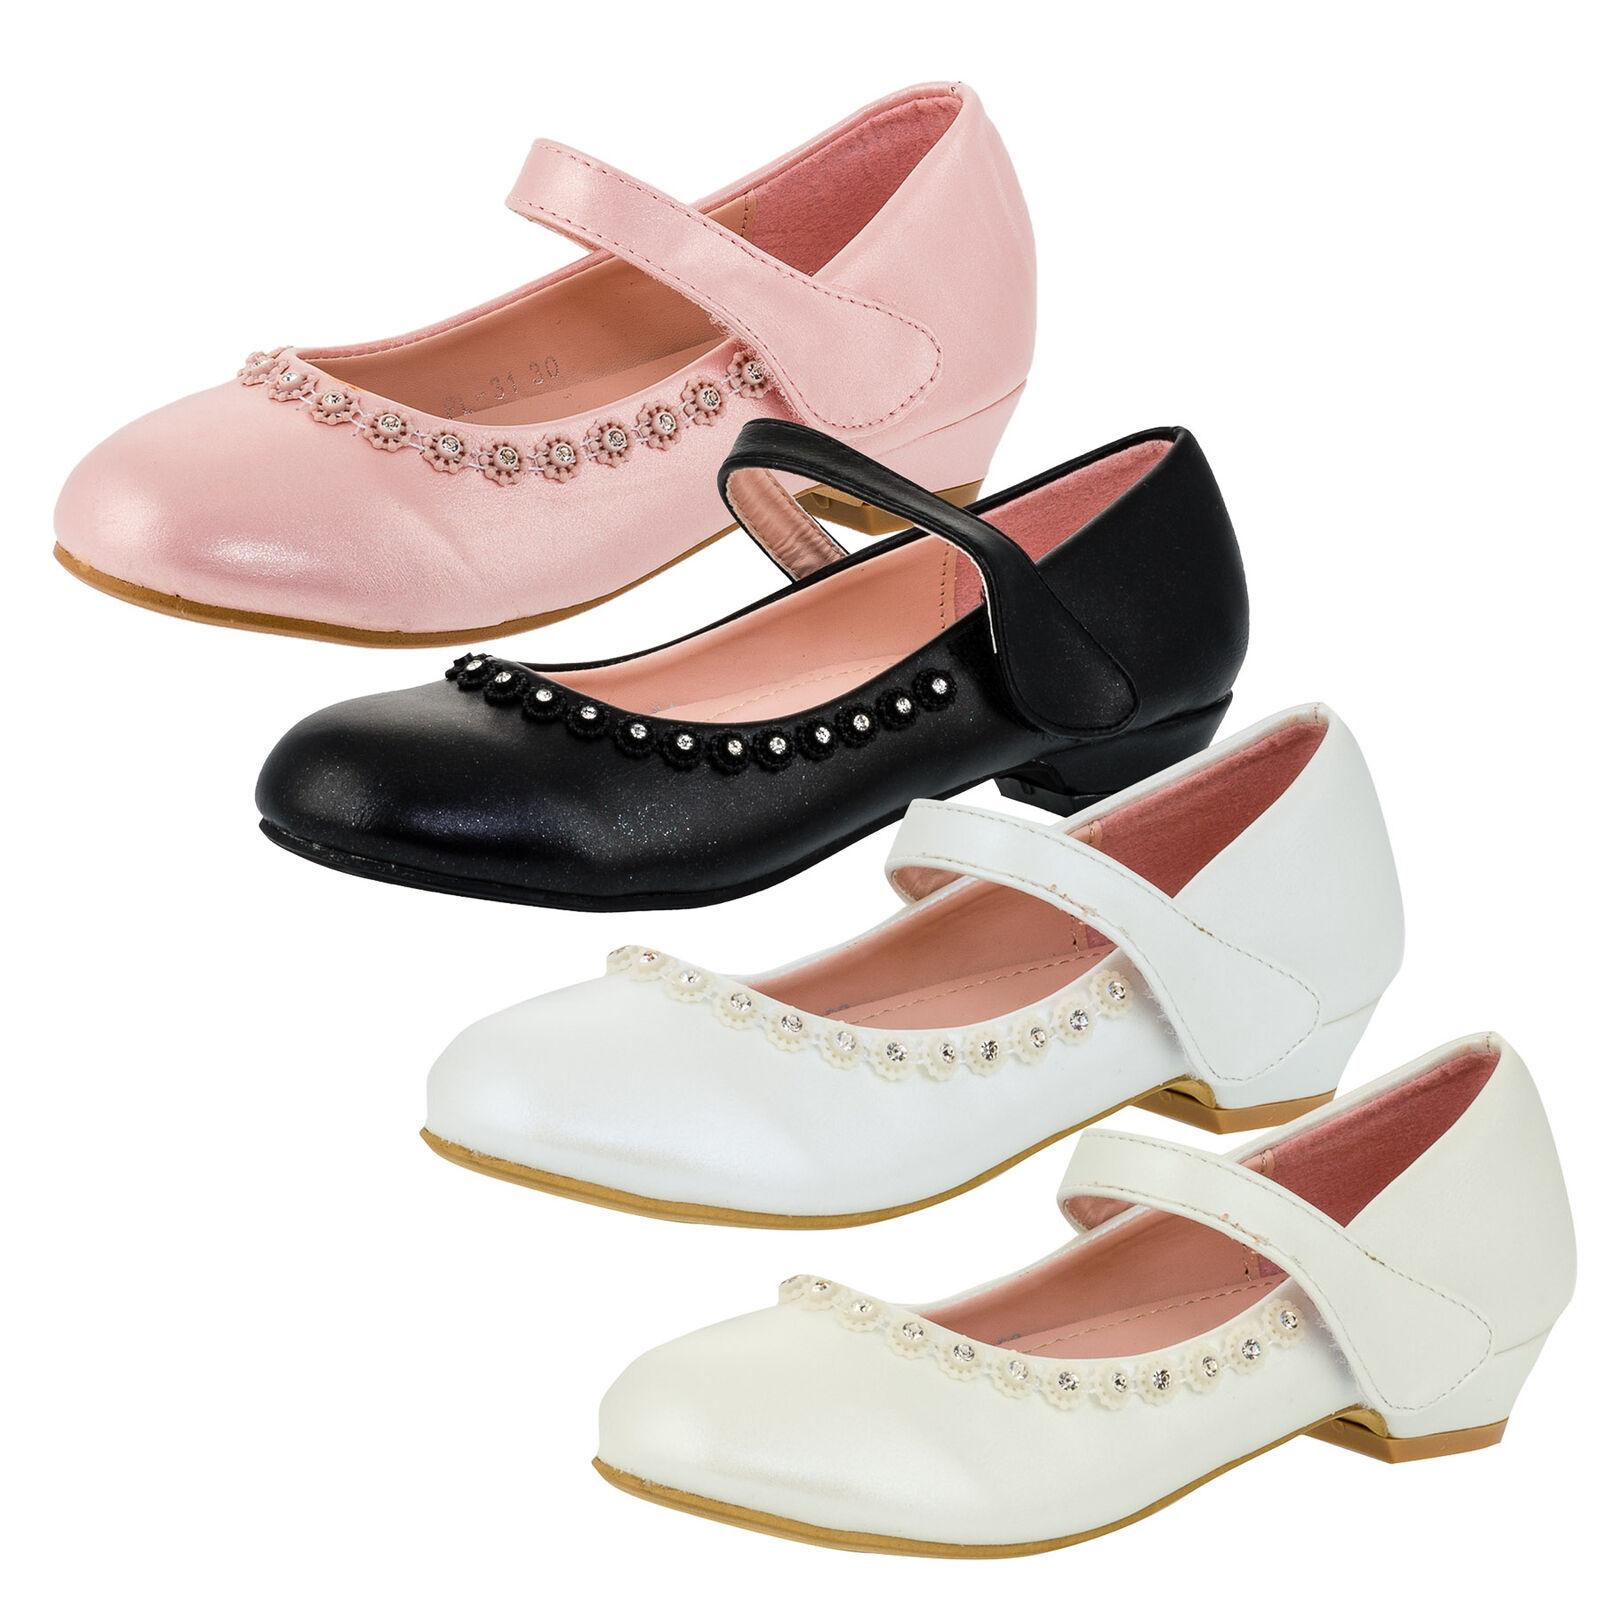 Details zu Festliche Mädchen Pumps Schuhe Ballerinas Lackoptik Strass Blumen Hochzeit Feier